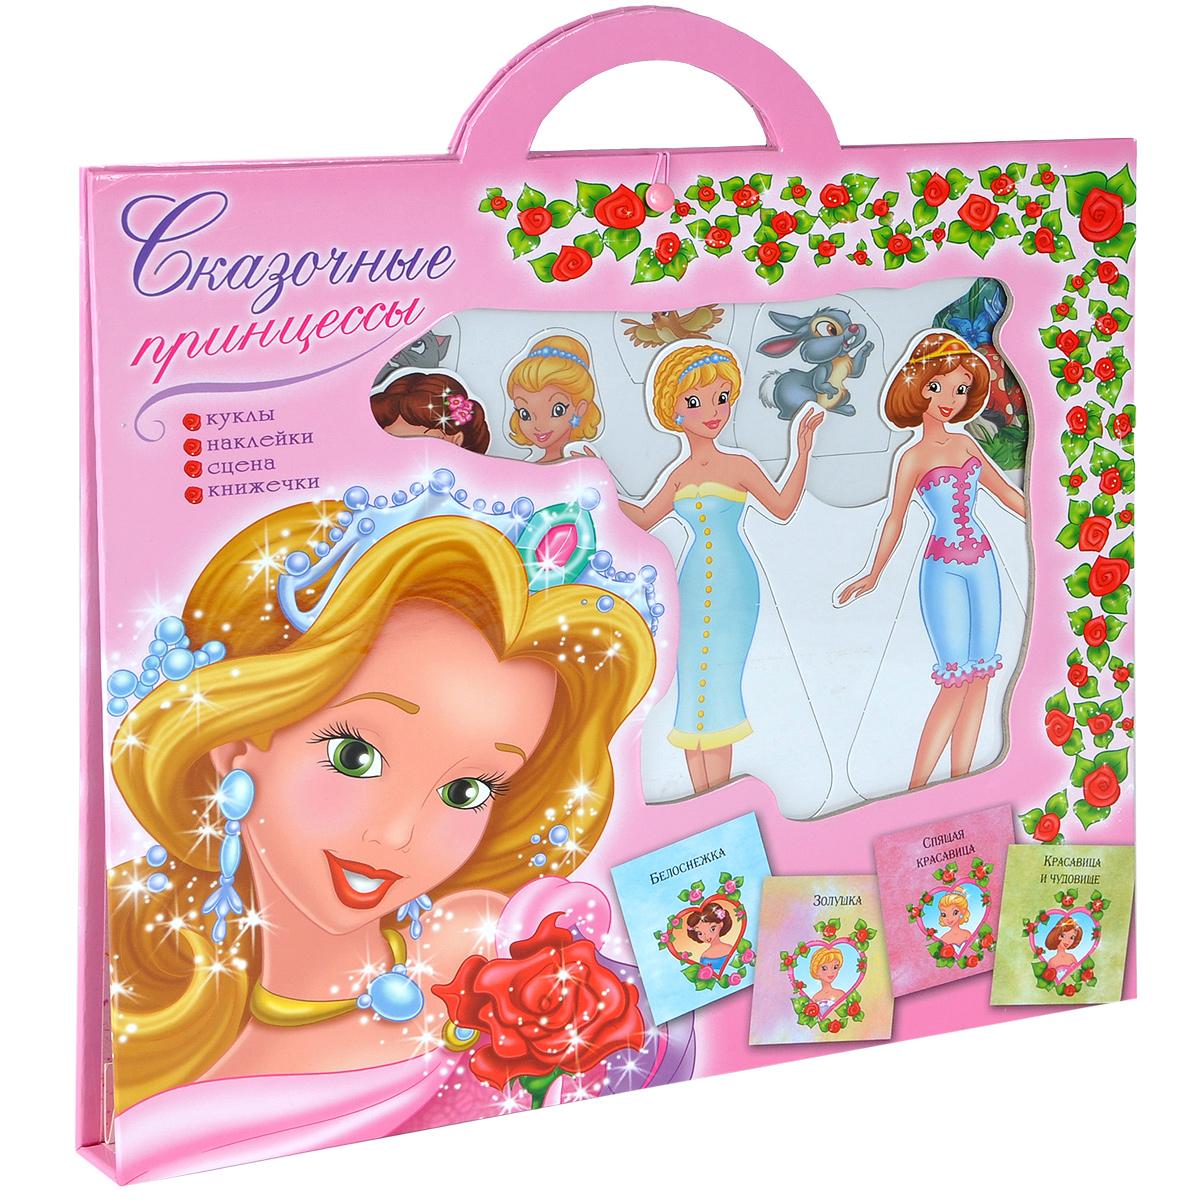 Сказочные принцессы. Чудесный чемоданчик. Набор для творчества красавица и чудовище dvd книга